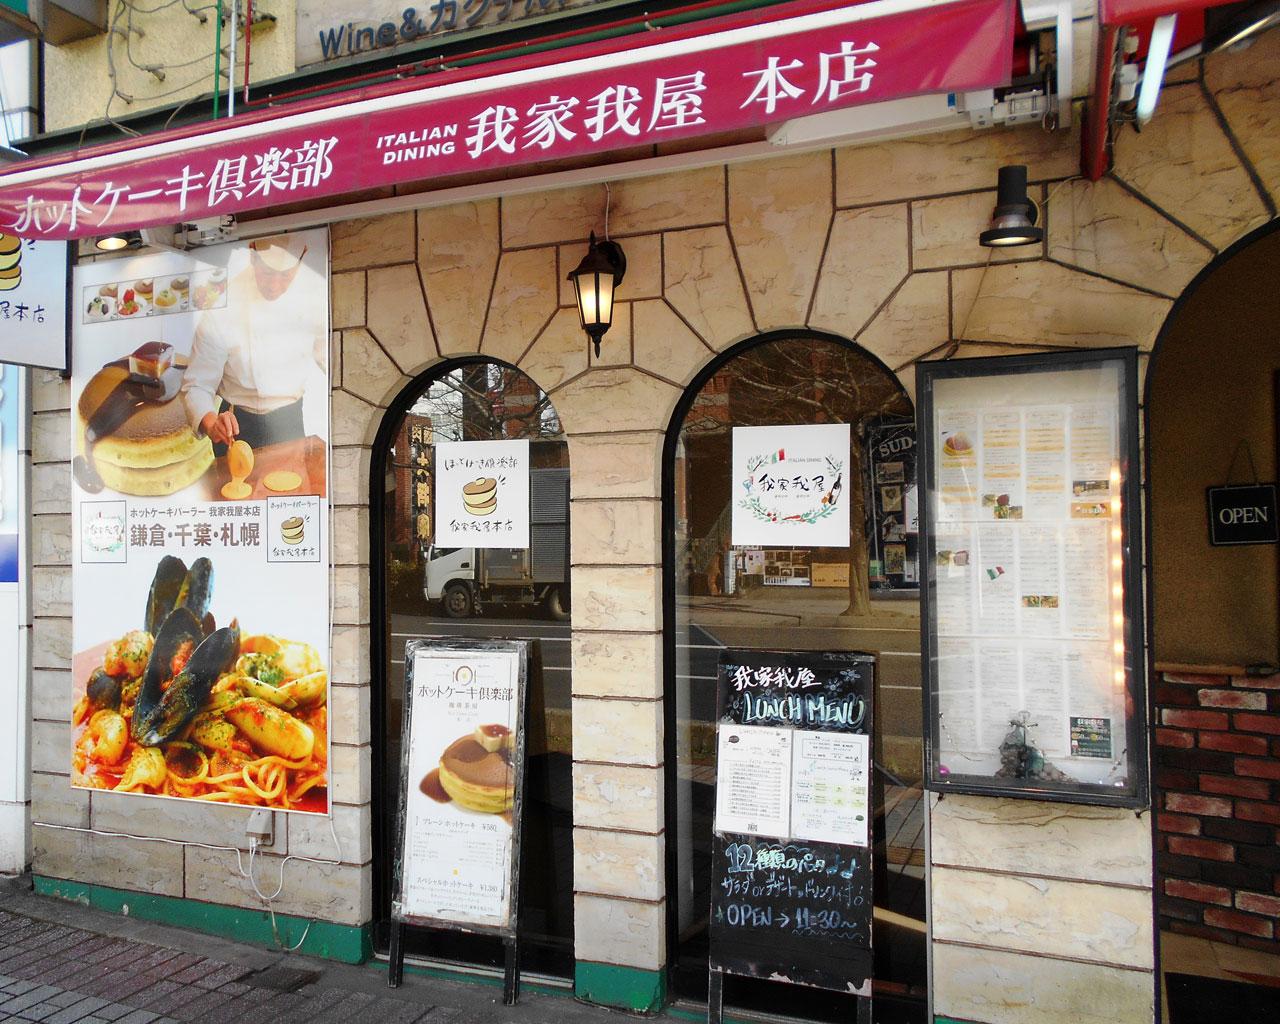 ホットケーキ倶楽部 イタリアンダイニング 我家我屋 千葉本店の画像